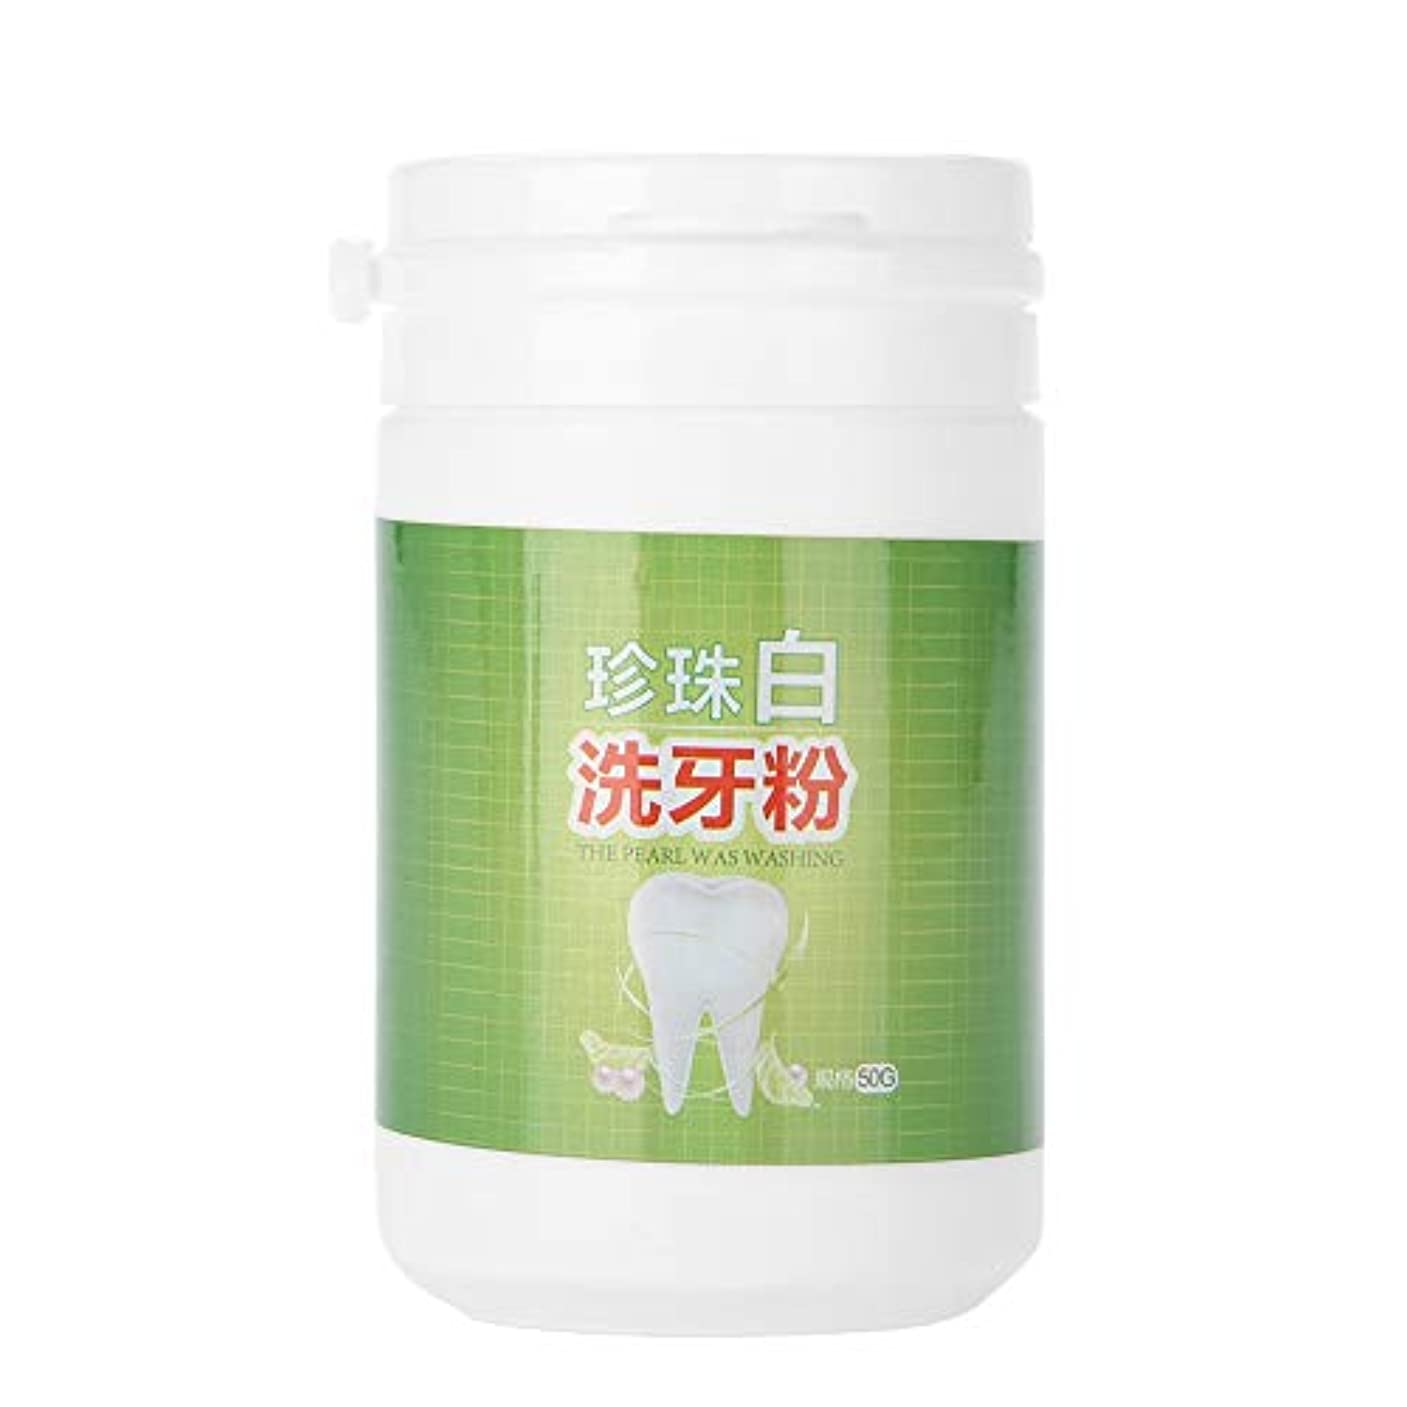 天井オフセットアナリスト50g歯ホワイトニングパウダーティーコーヒー汚れ口臭除去オーラルケアパウダー - 歯ホワイトニングパウダー